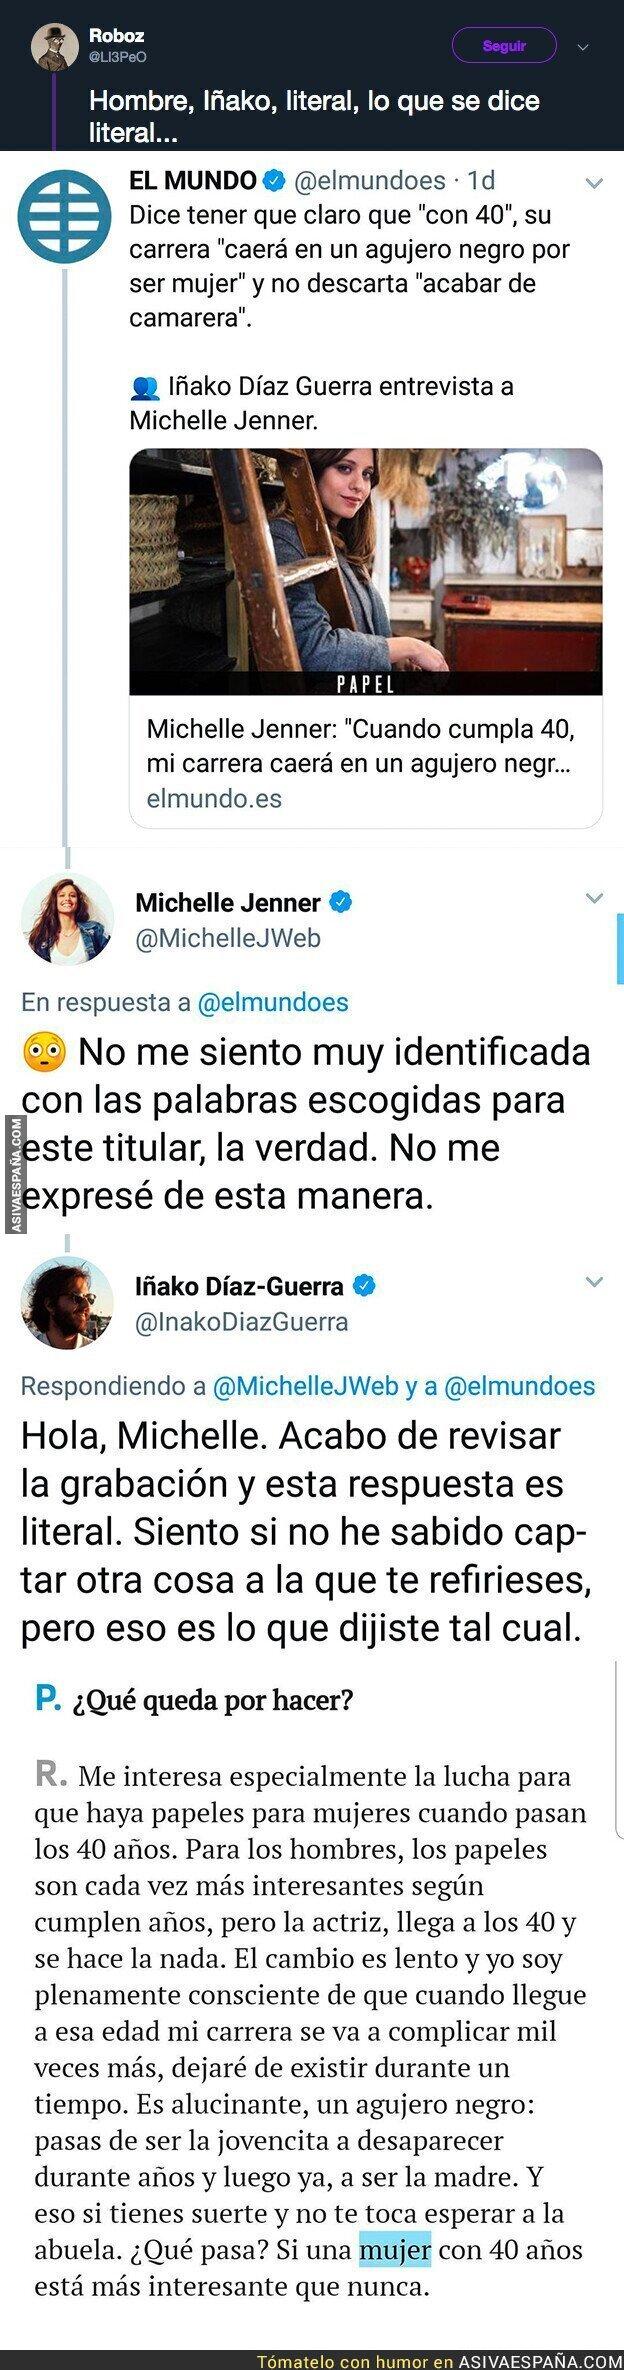 101999 - 'El Mundo' manipula sin descaro unas palabras sobre Michelle Jenner y se lo intentan desmentir en la cara